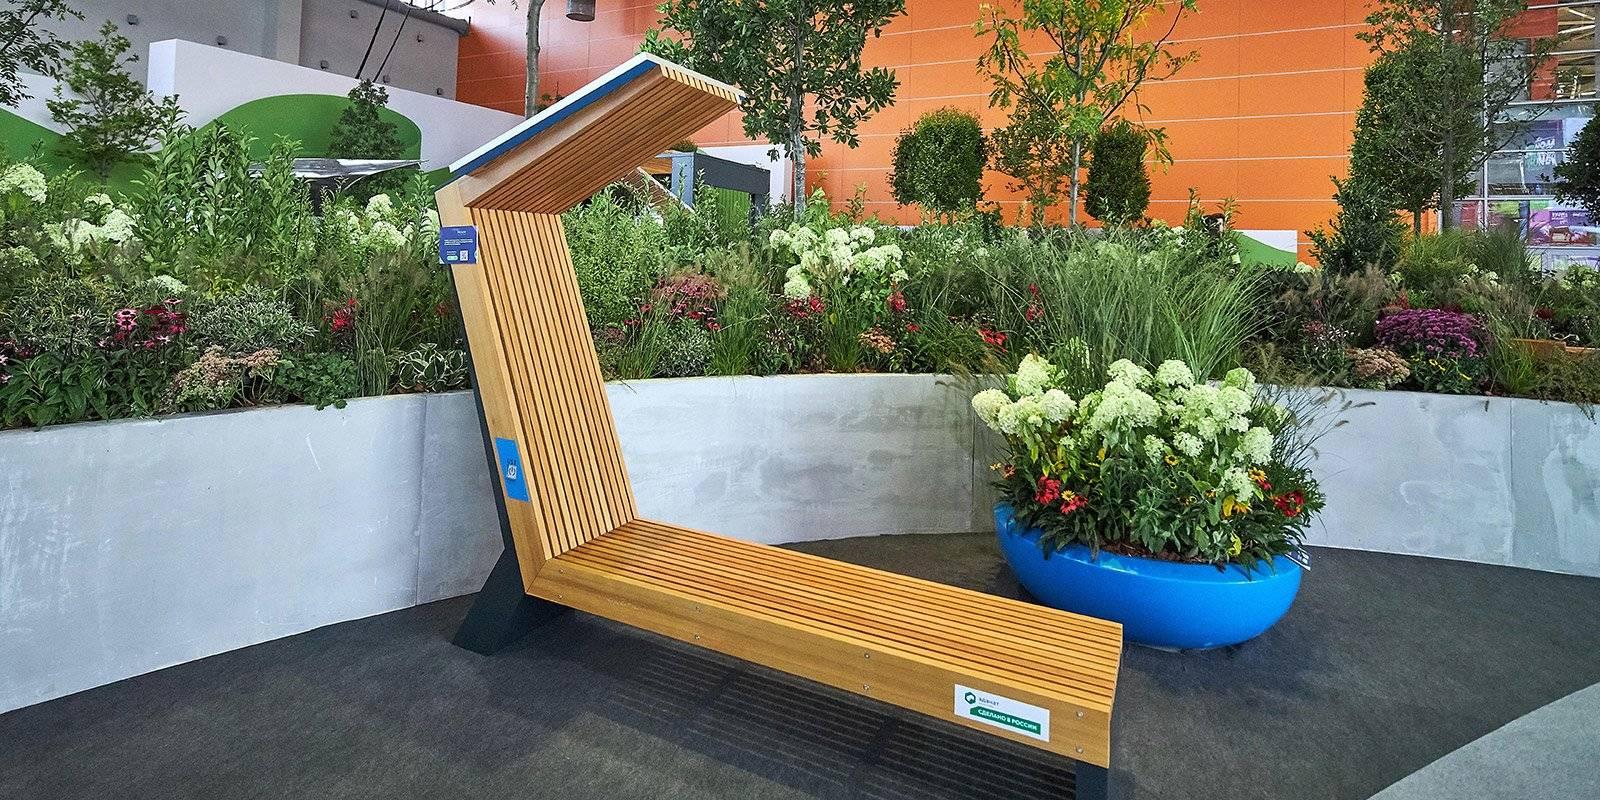 На ВДНХ пройдет выставка дизайн-решений для современного мегаполиса